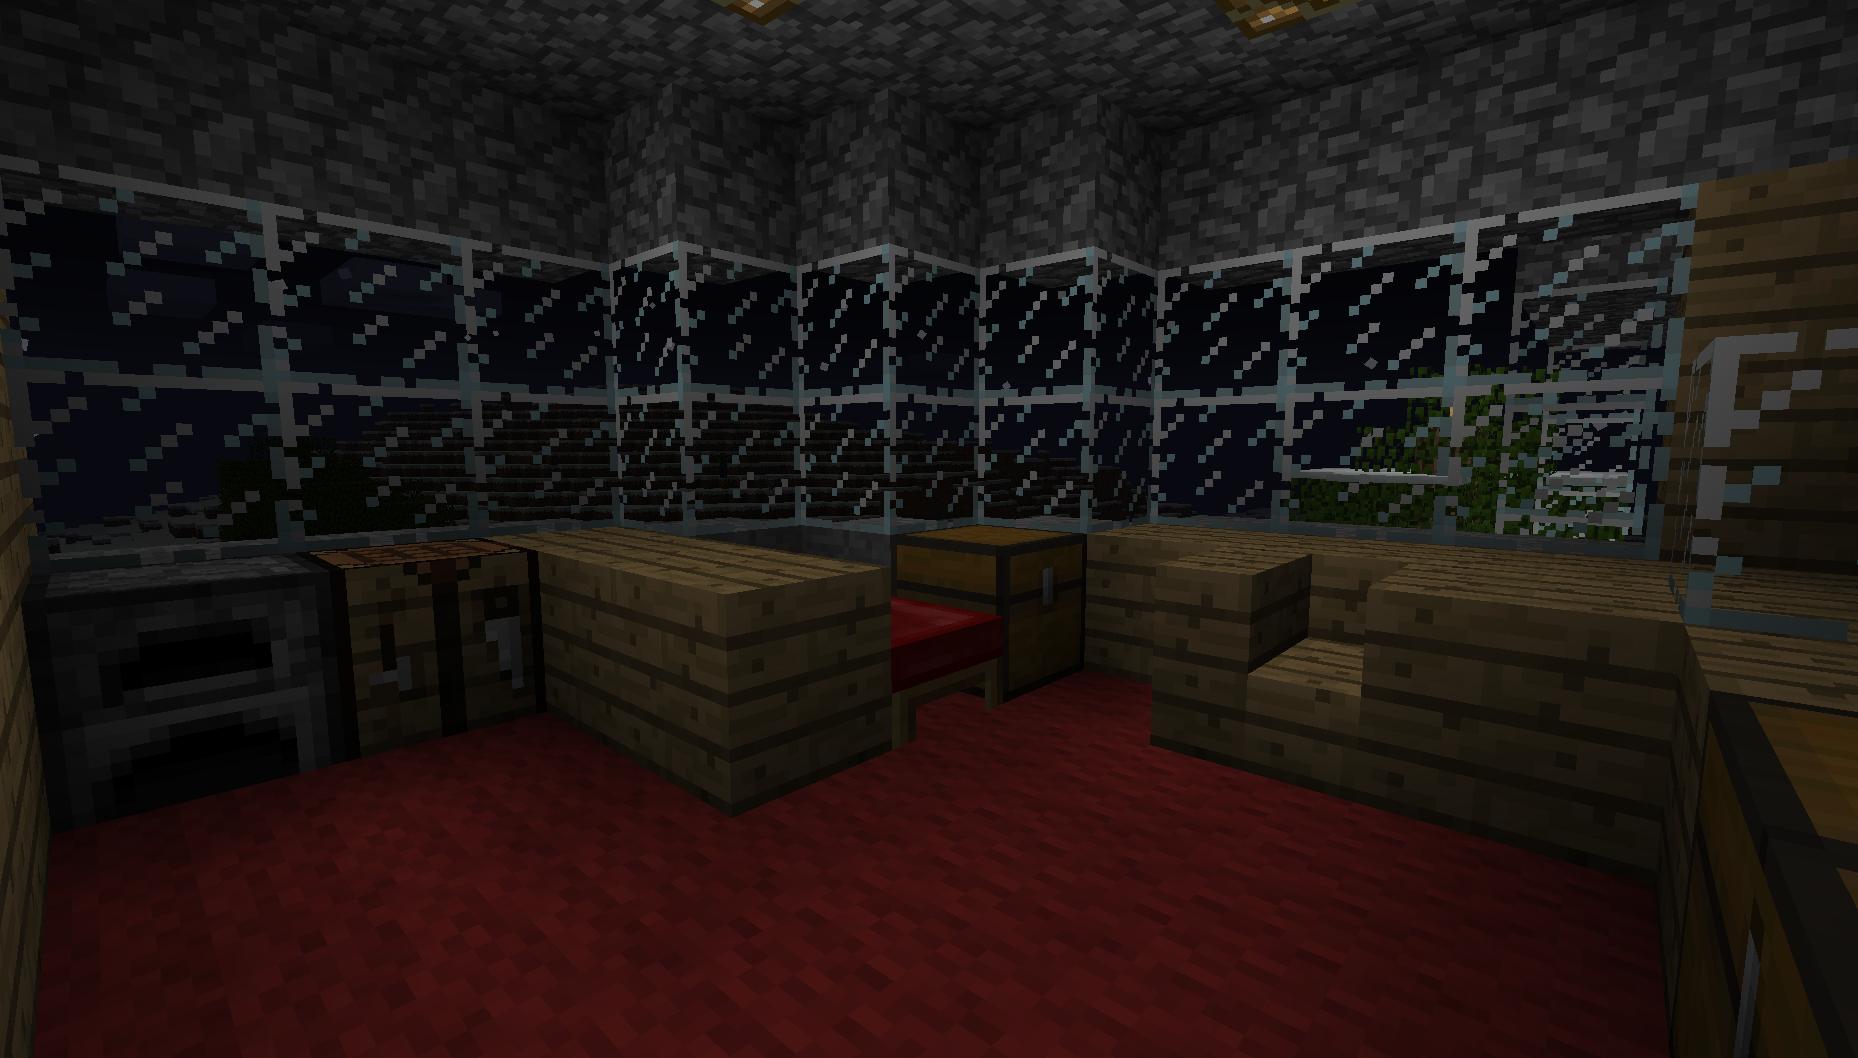 Minecraft house interior by sleekhusky on deviantart for Interior designs minecraft